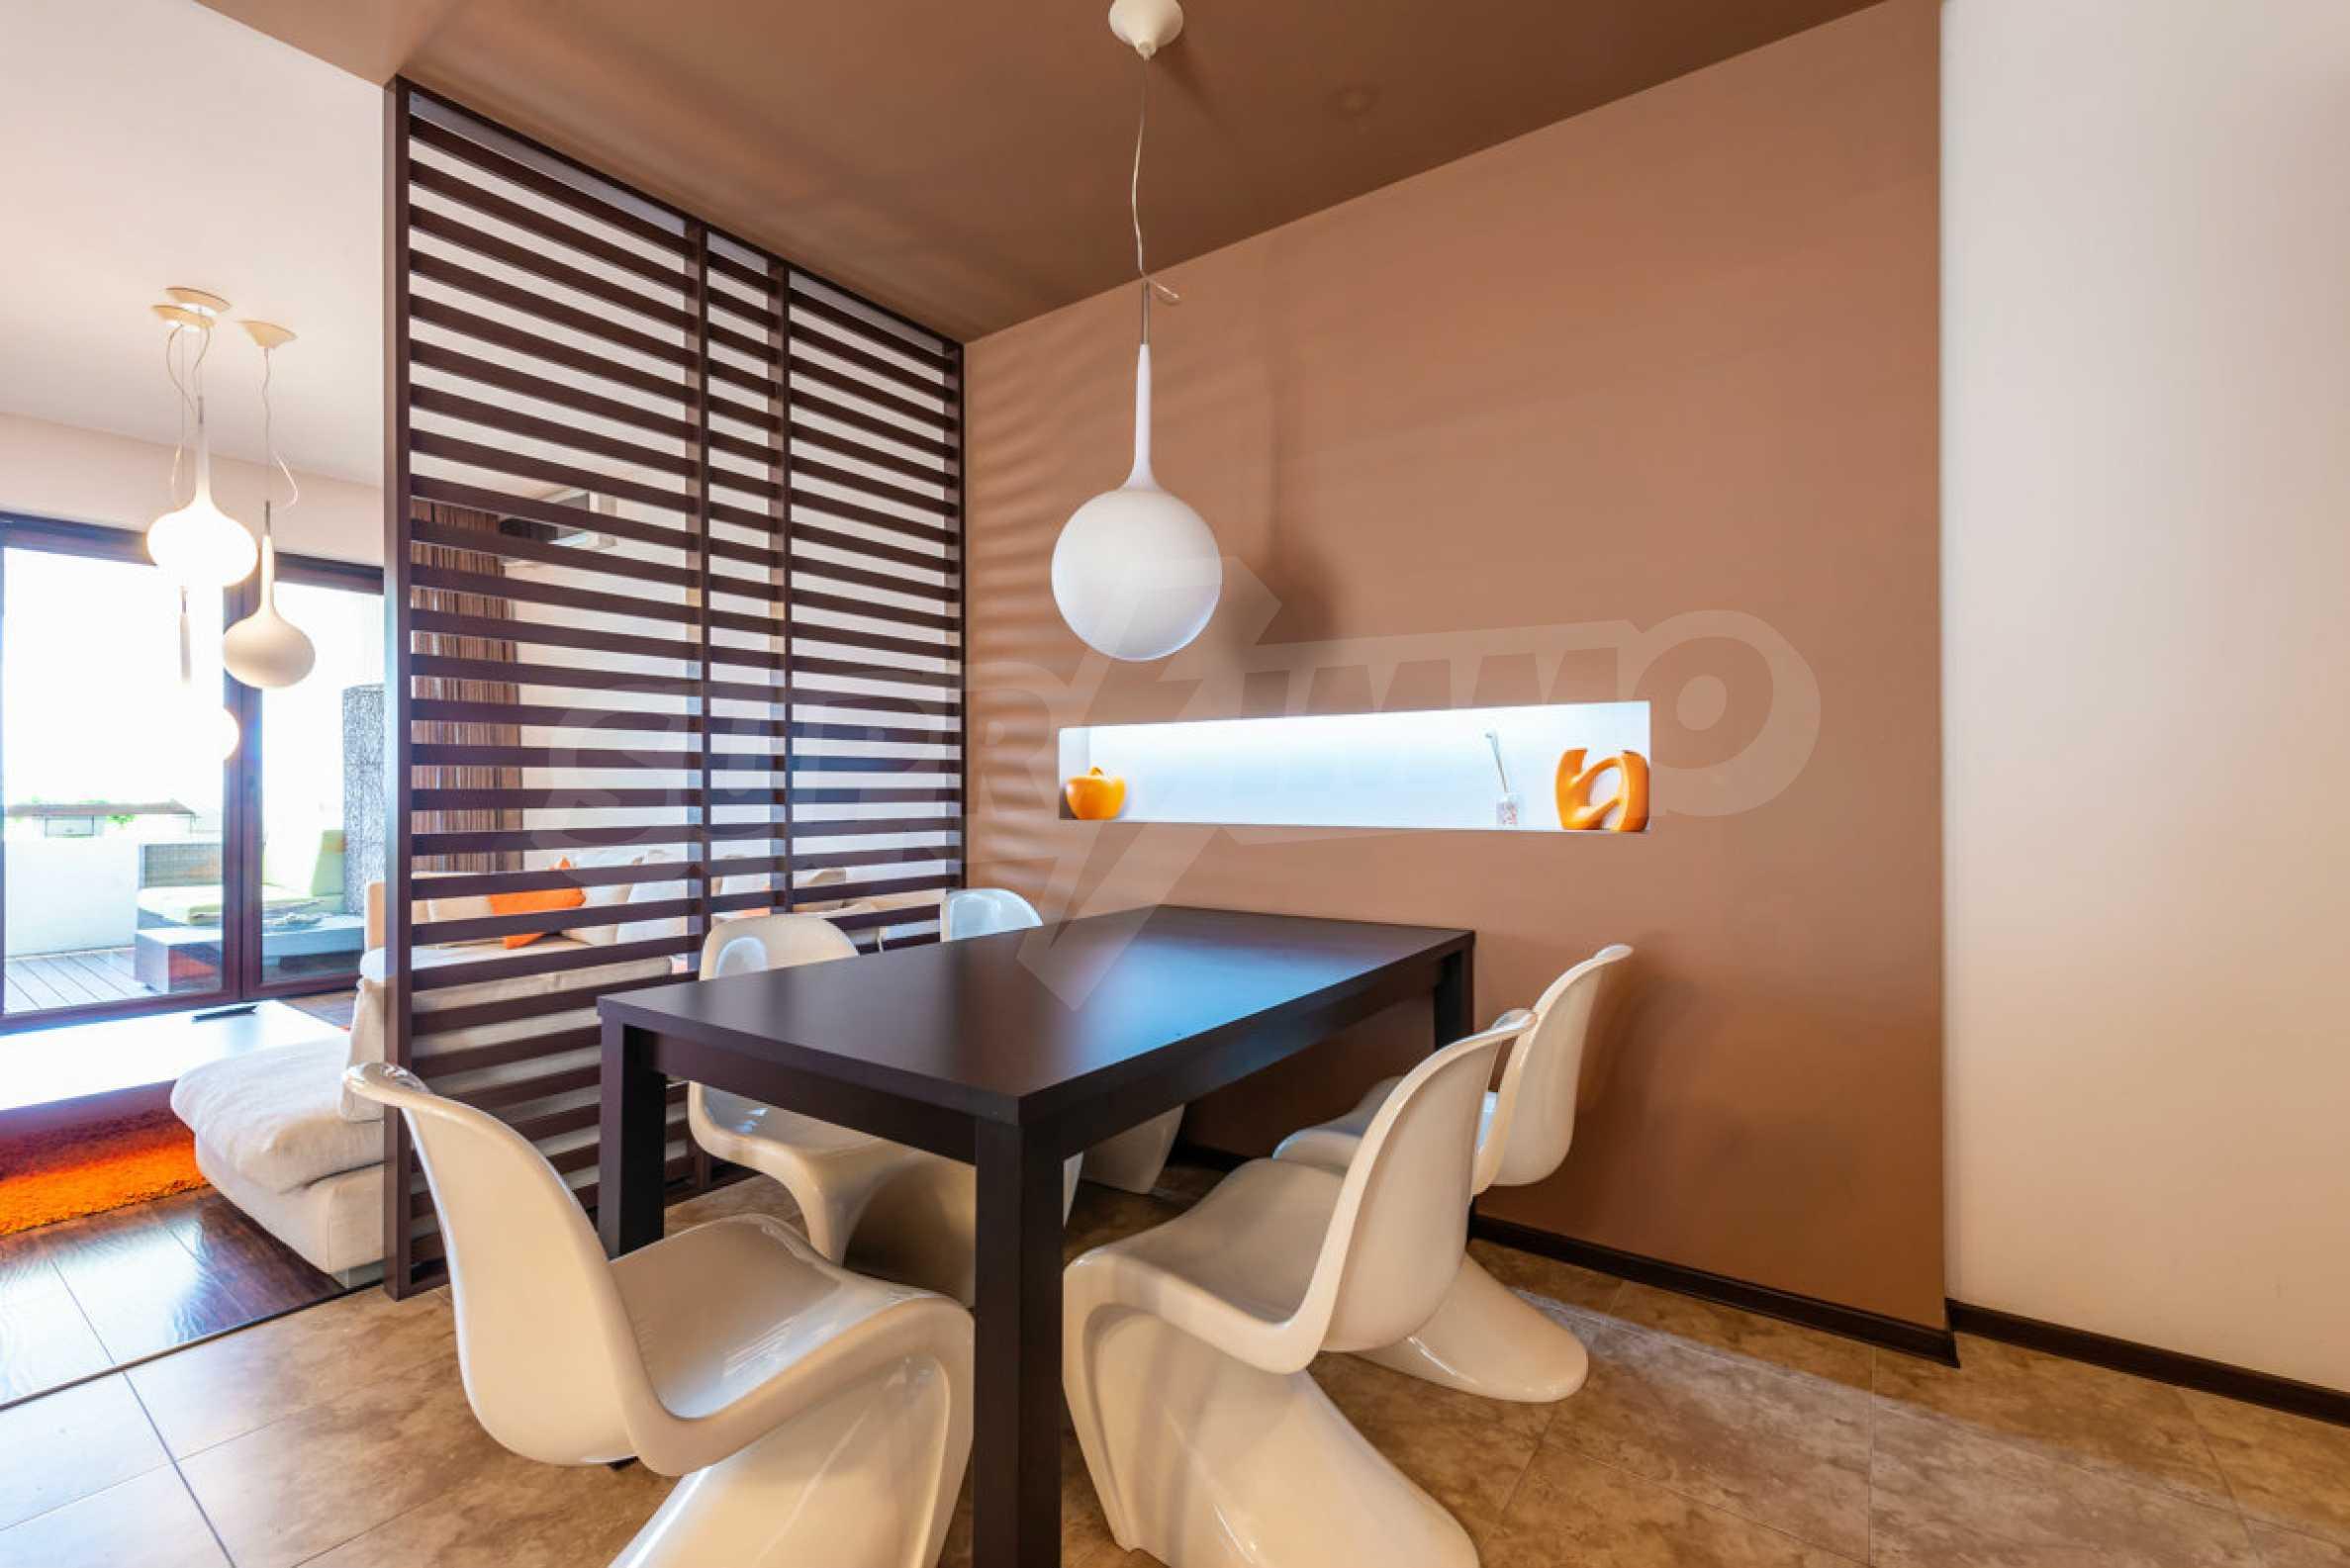 Luxus-Apartment mit einem Schlafzimmer mit spektakulärem Meerblick 6